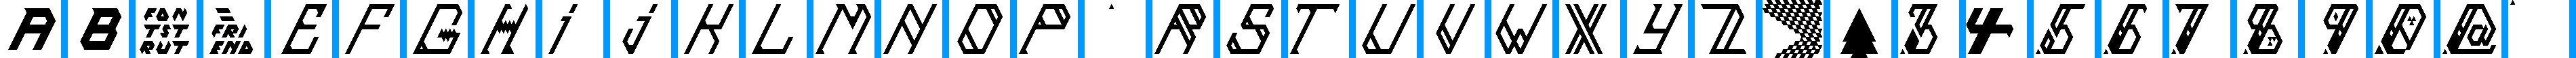 Particip-a-type v.340